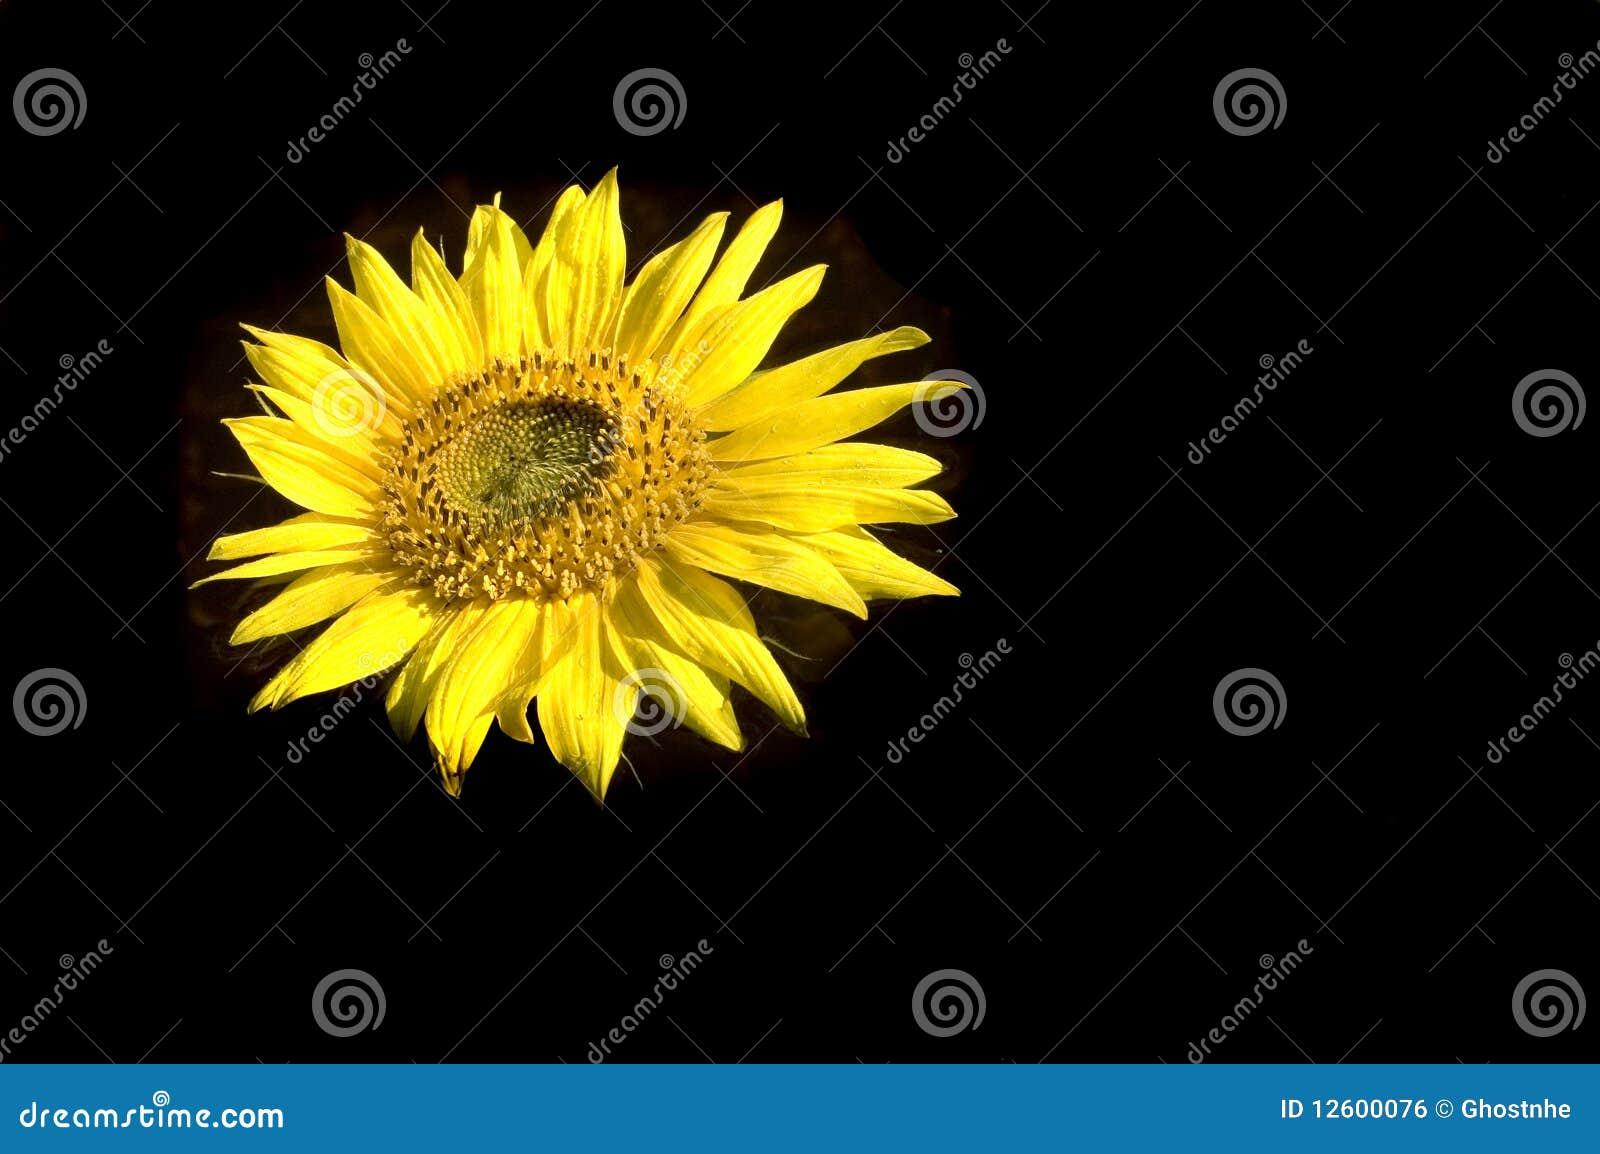 Schöne Sonnenblume auf dunklem Hintergrund